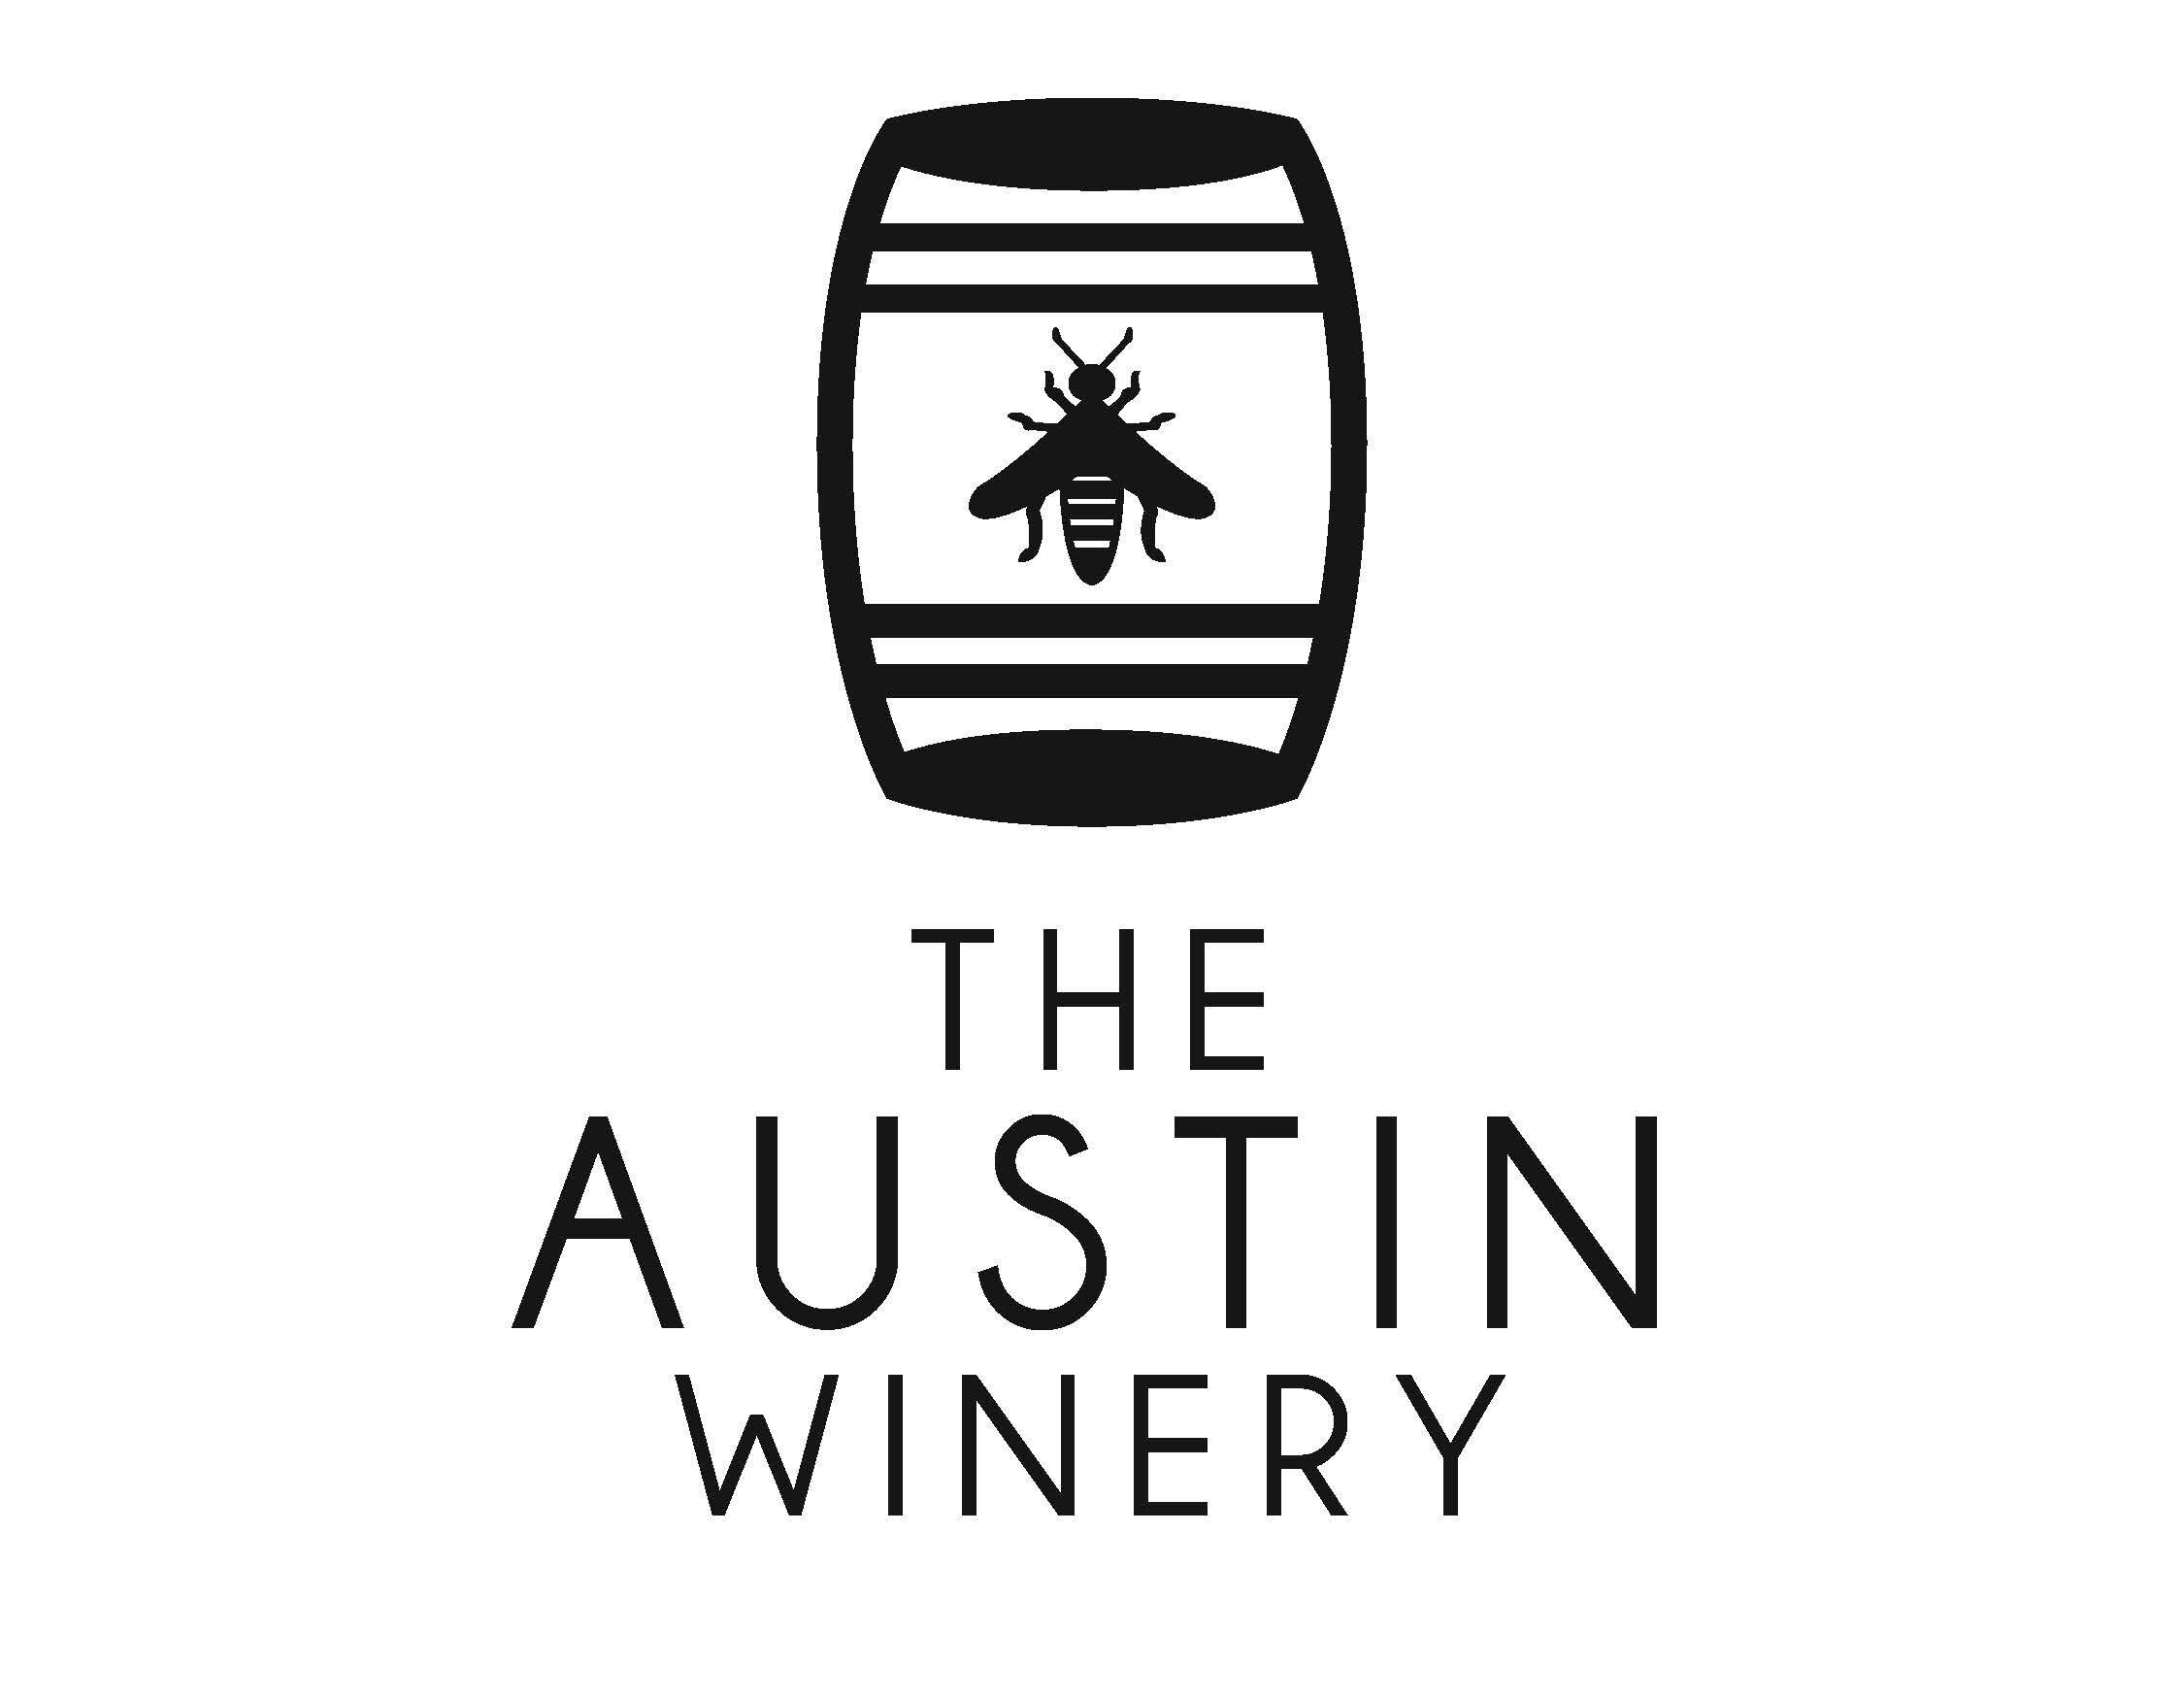 austin winery.jpeg